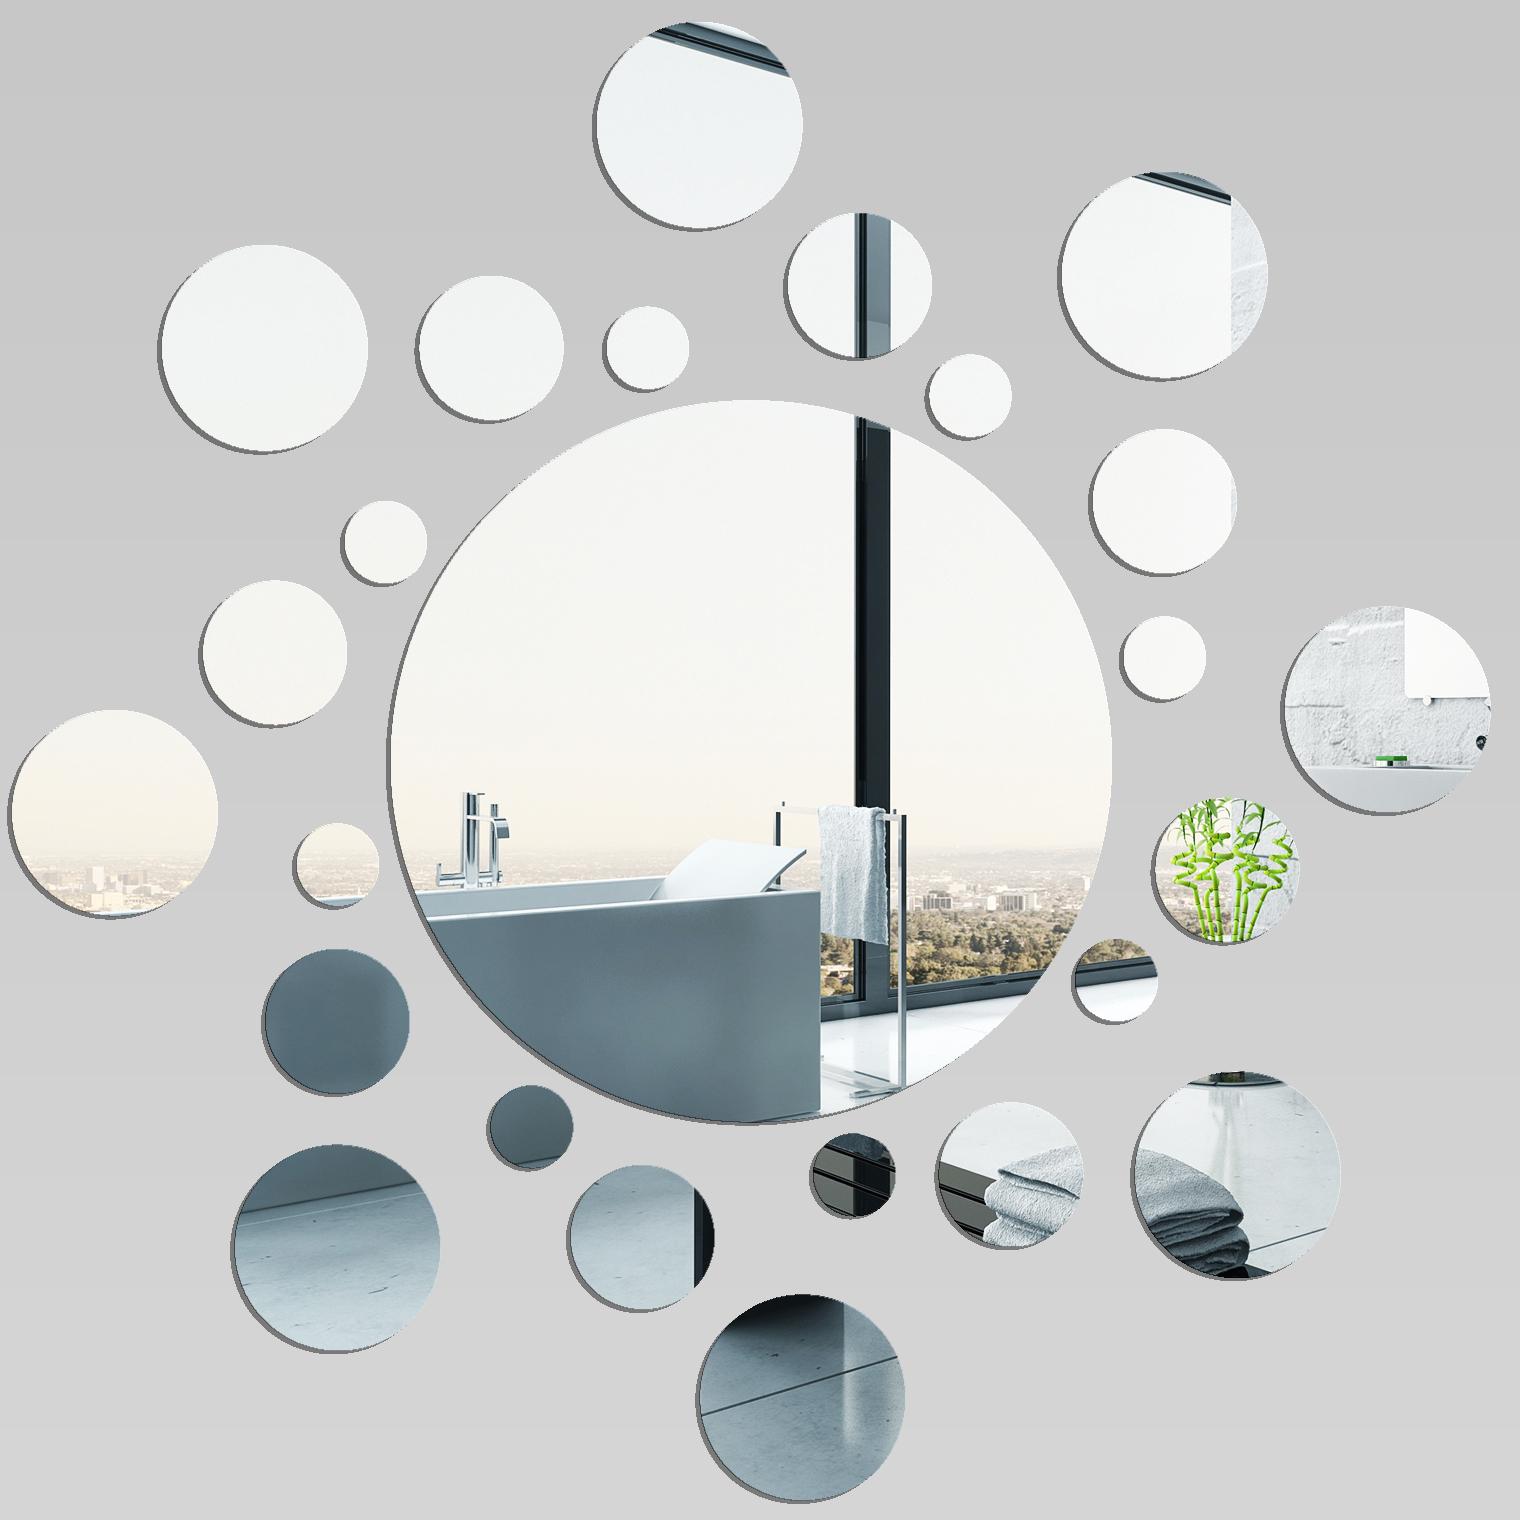 Adesivi Follia Specchio Acrilico Plexiglass Spirale